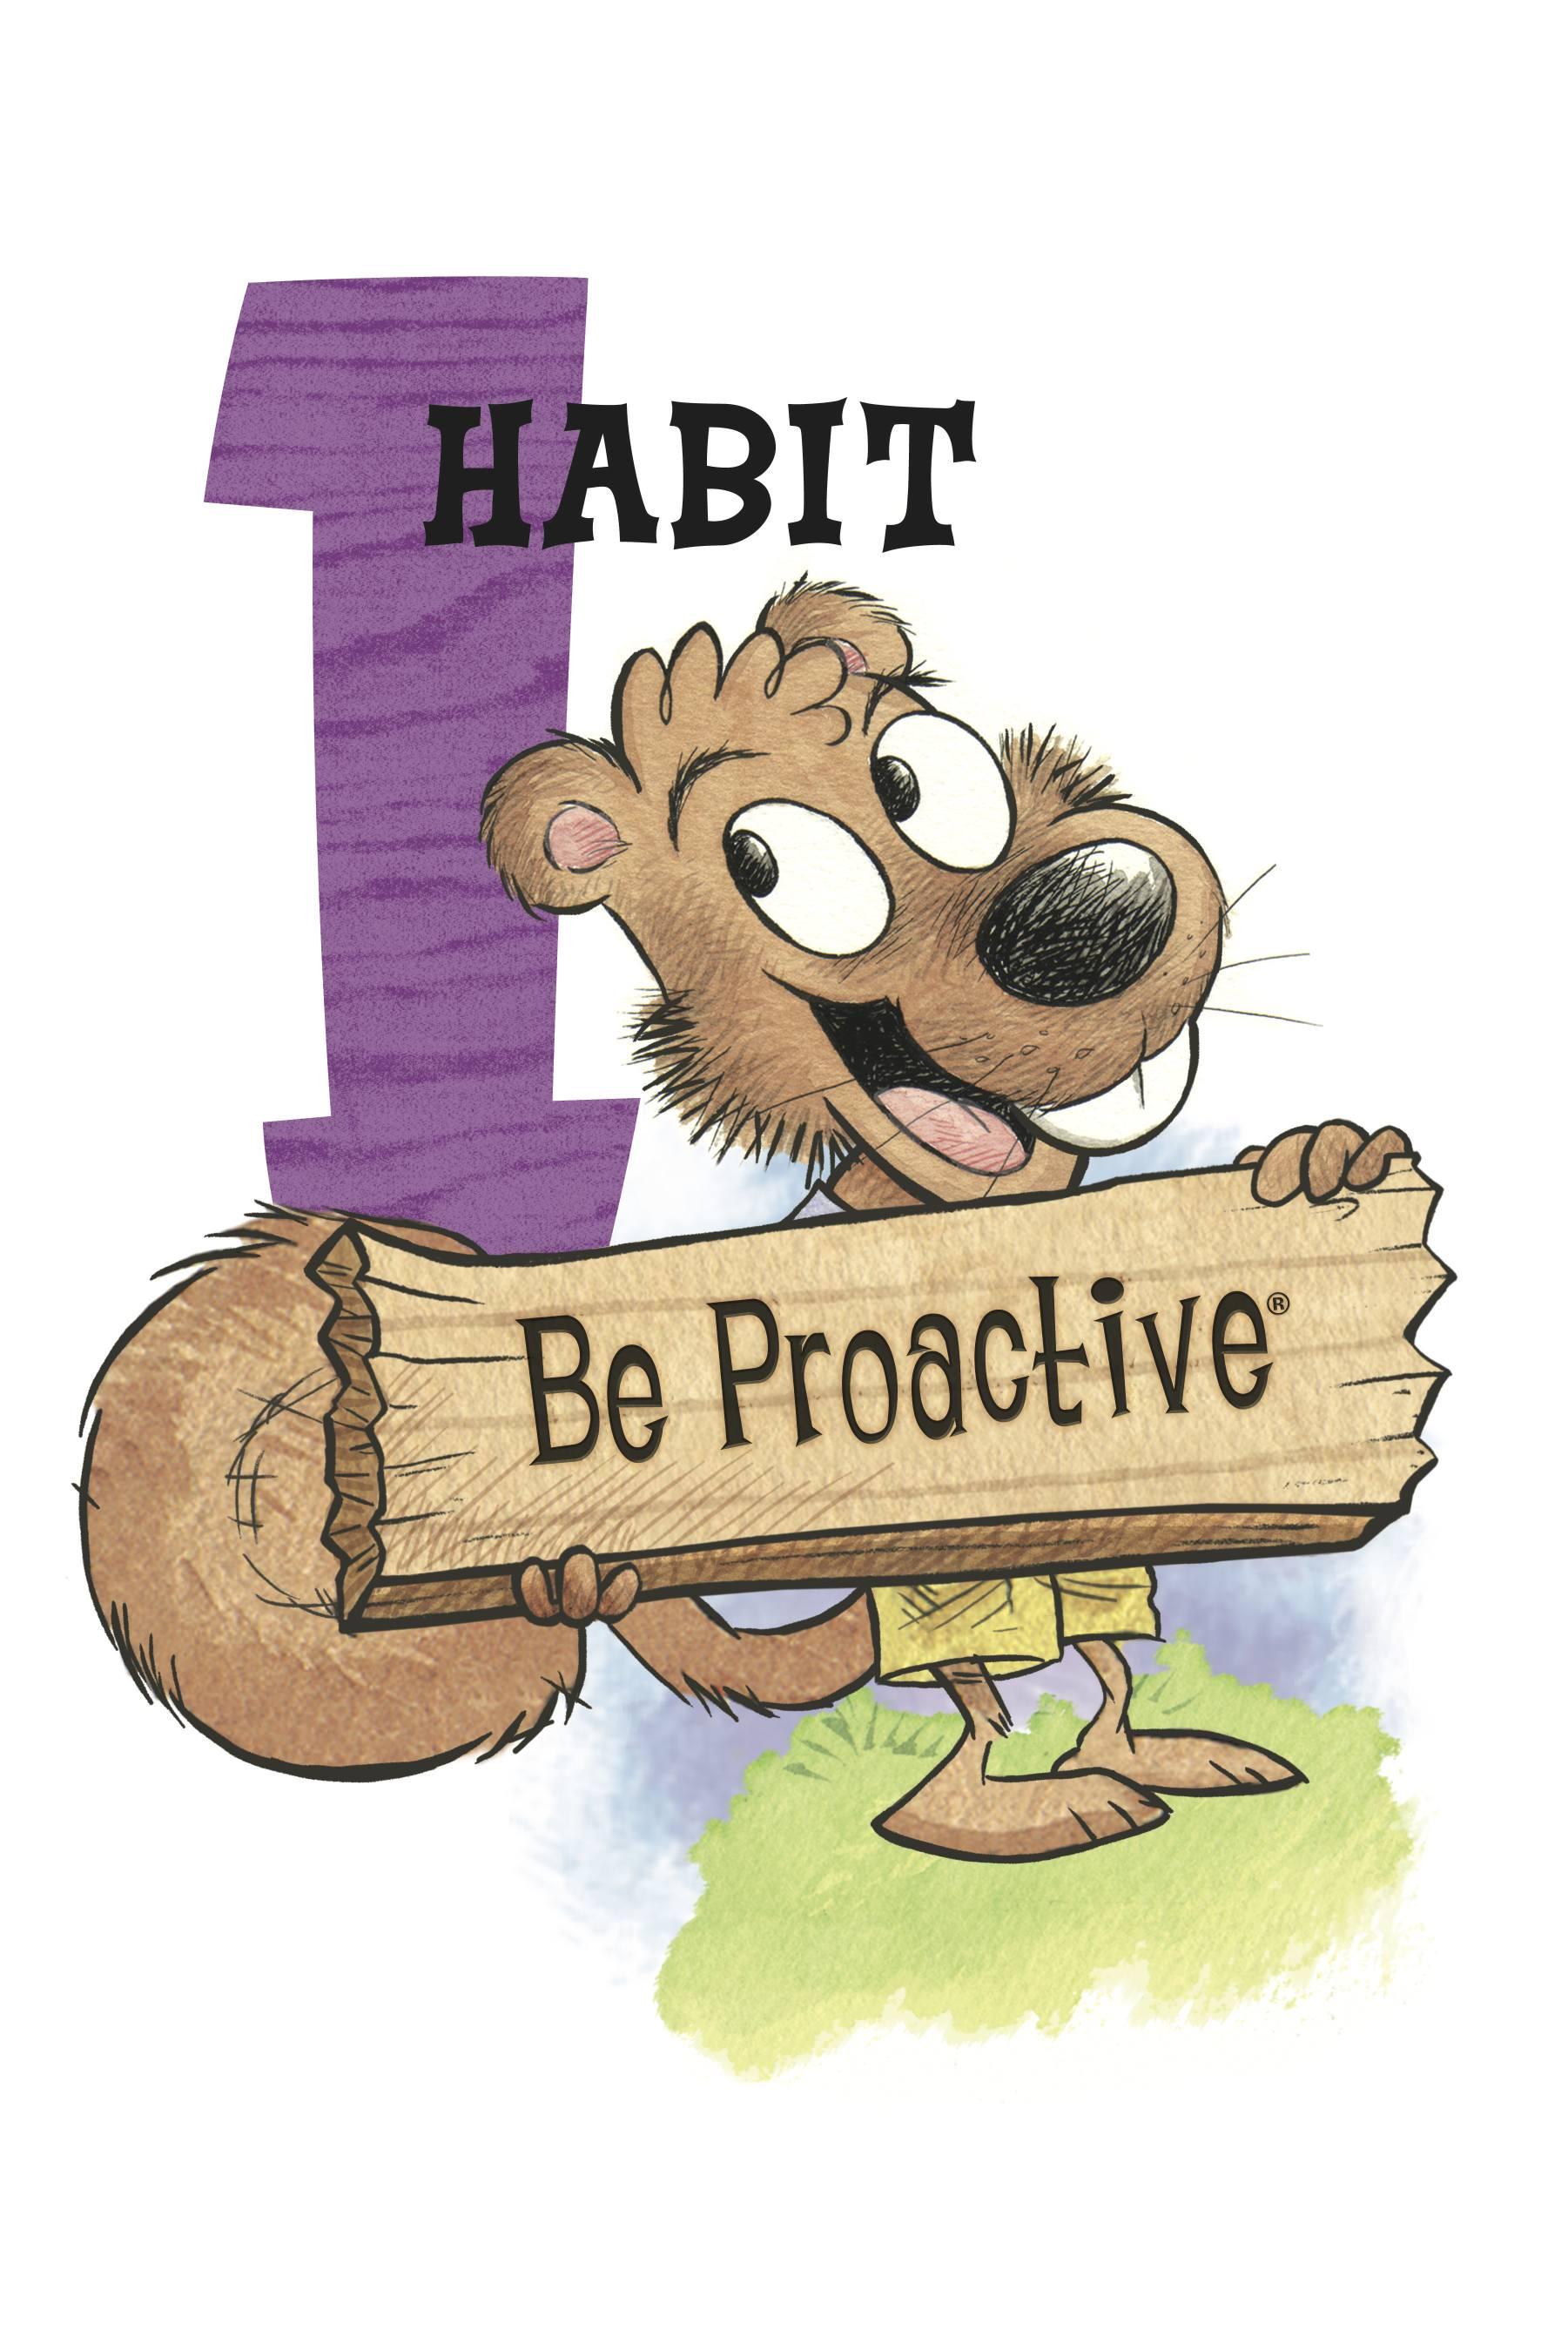 7 clipart habit. The seven habits be